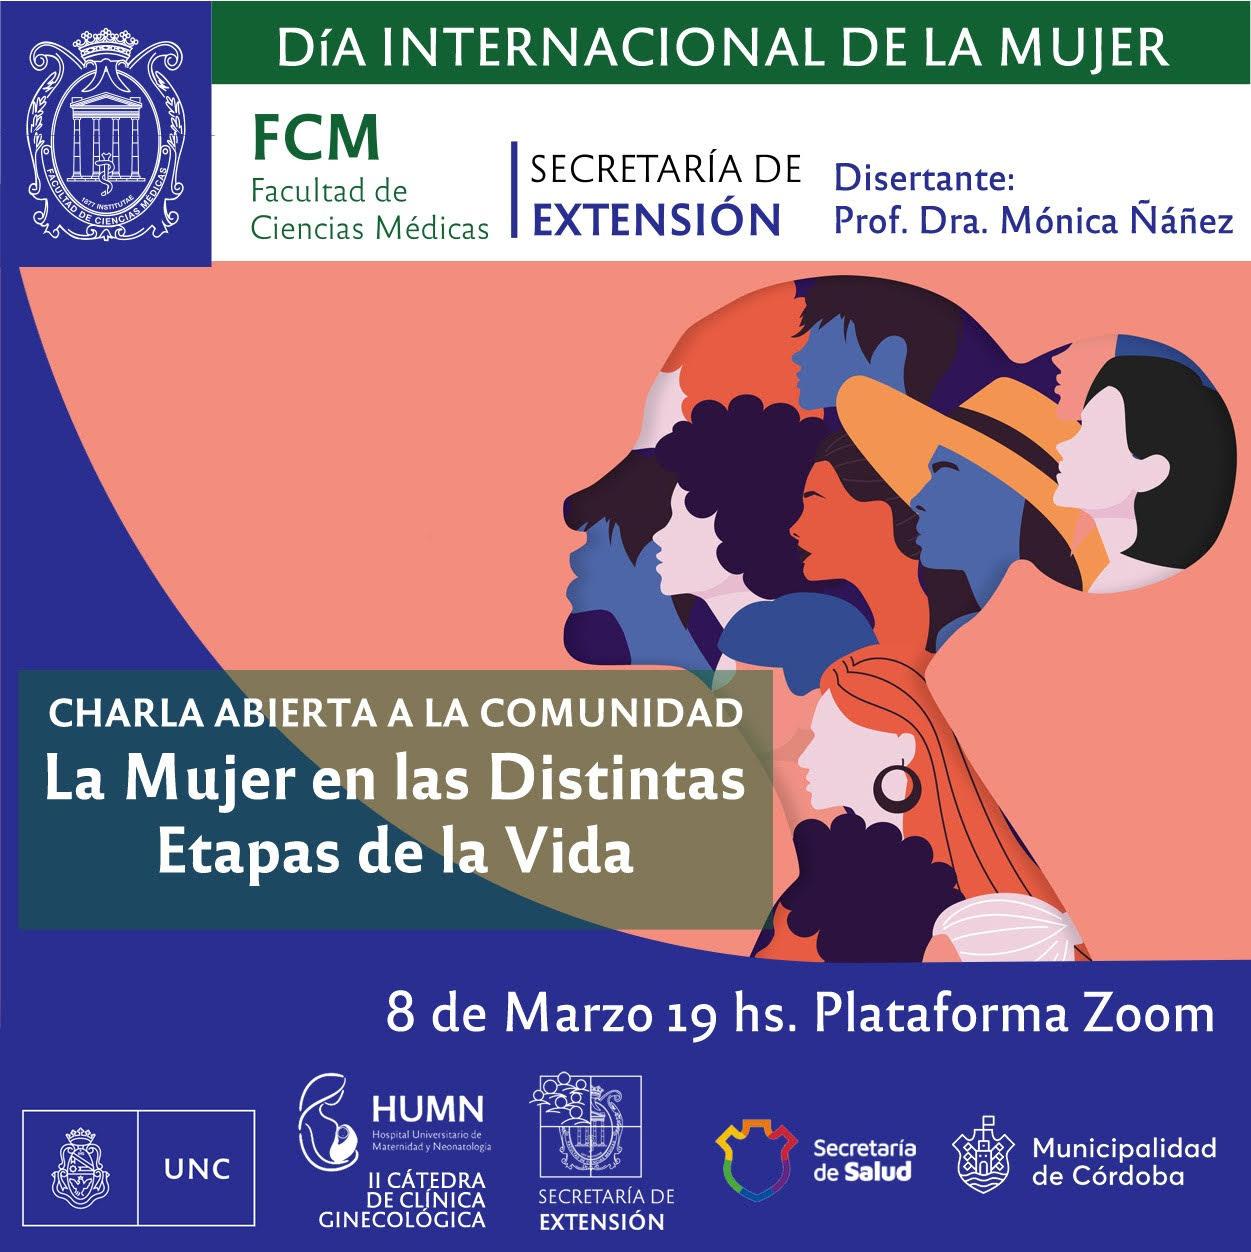 Charla abierta a la comunidad por el Día Internacional de la Mujer